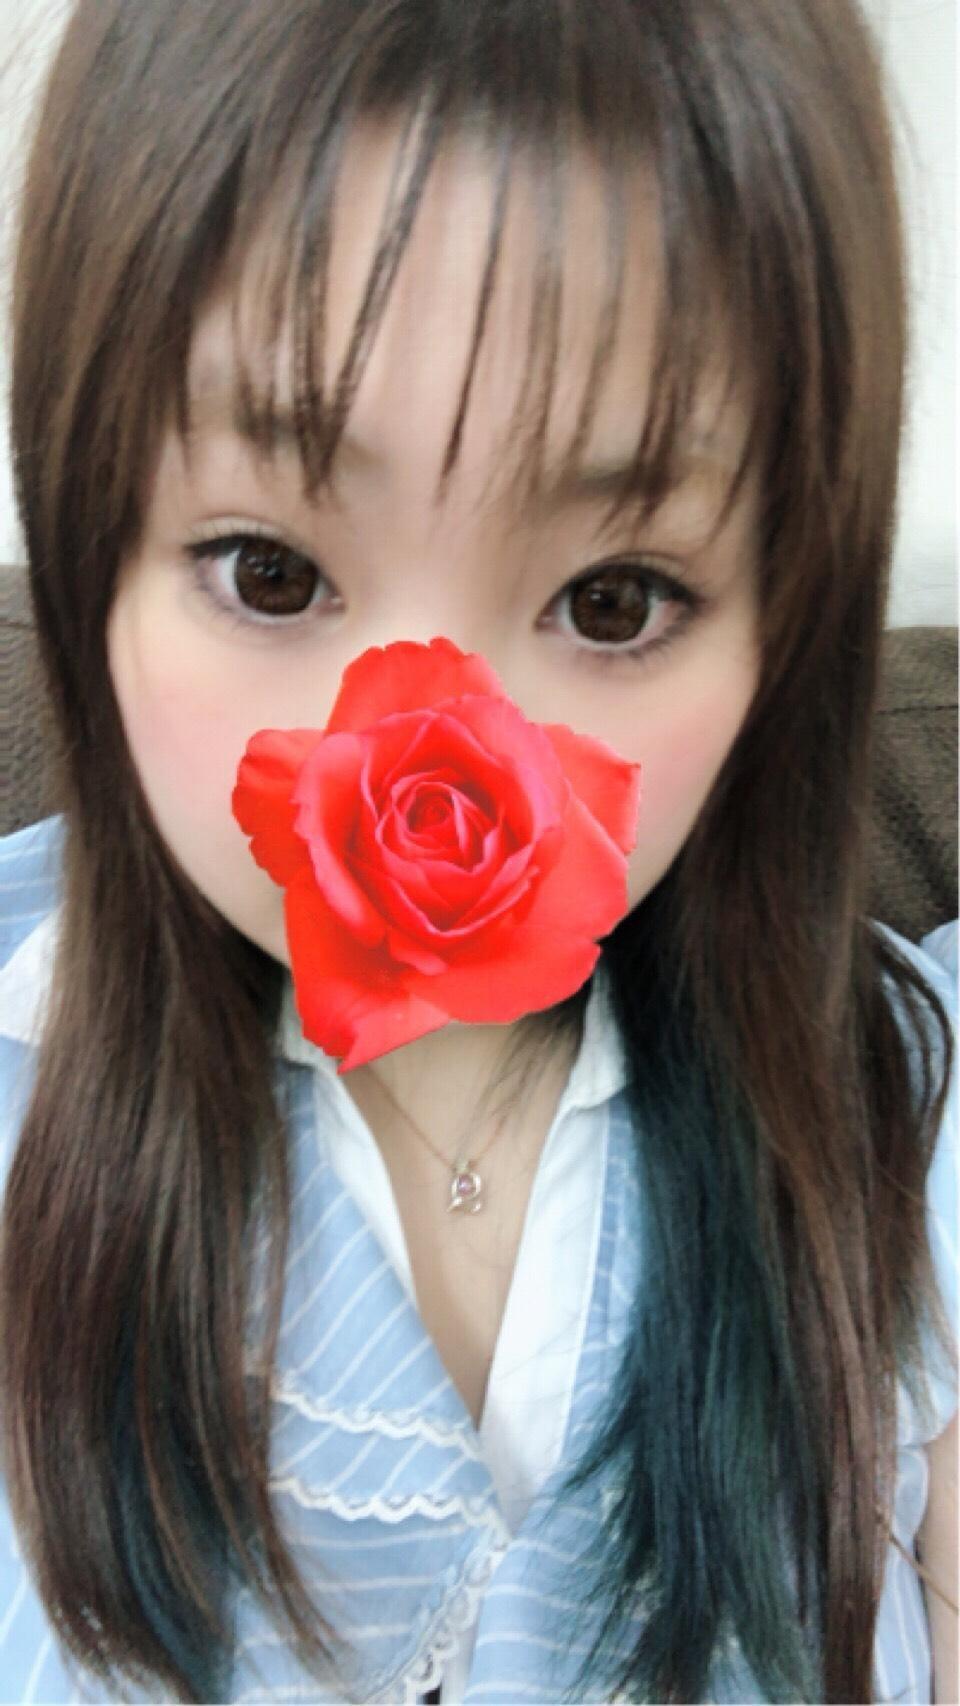 くるみ「ブルー」07/15(日) 16:58 | くるみの写メ・風俗動画